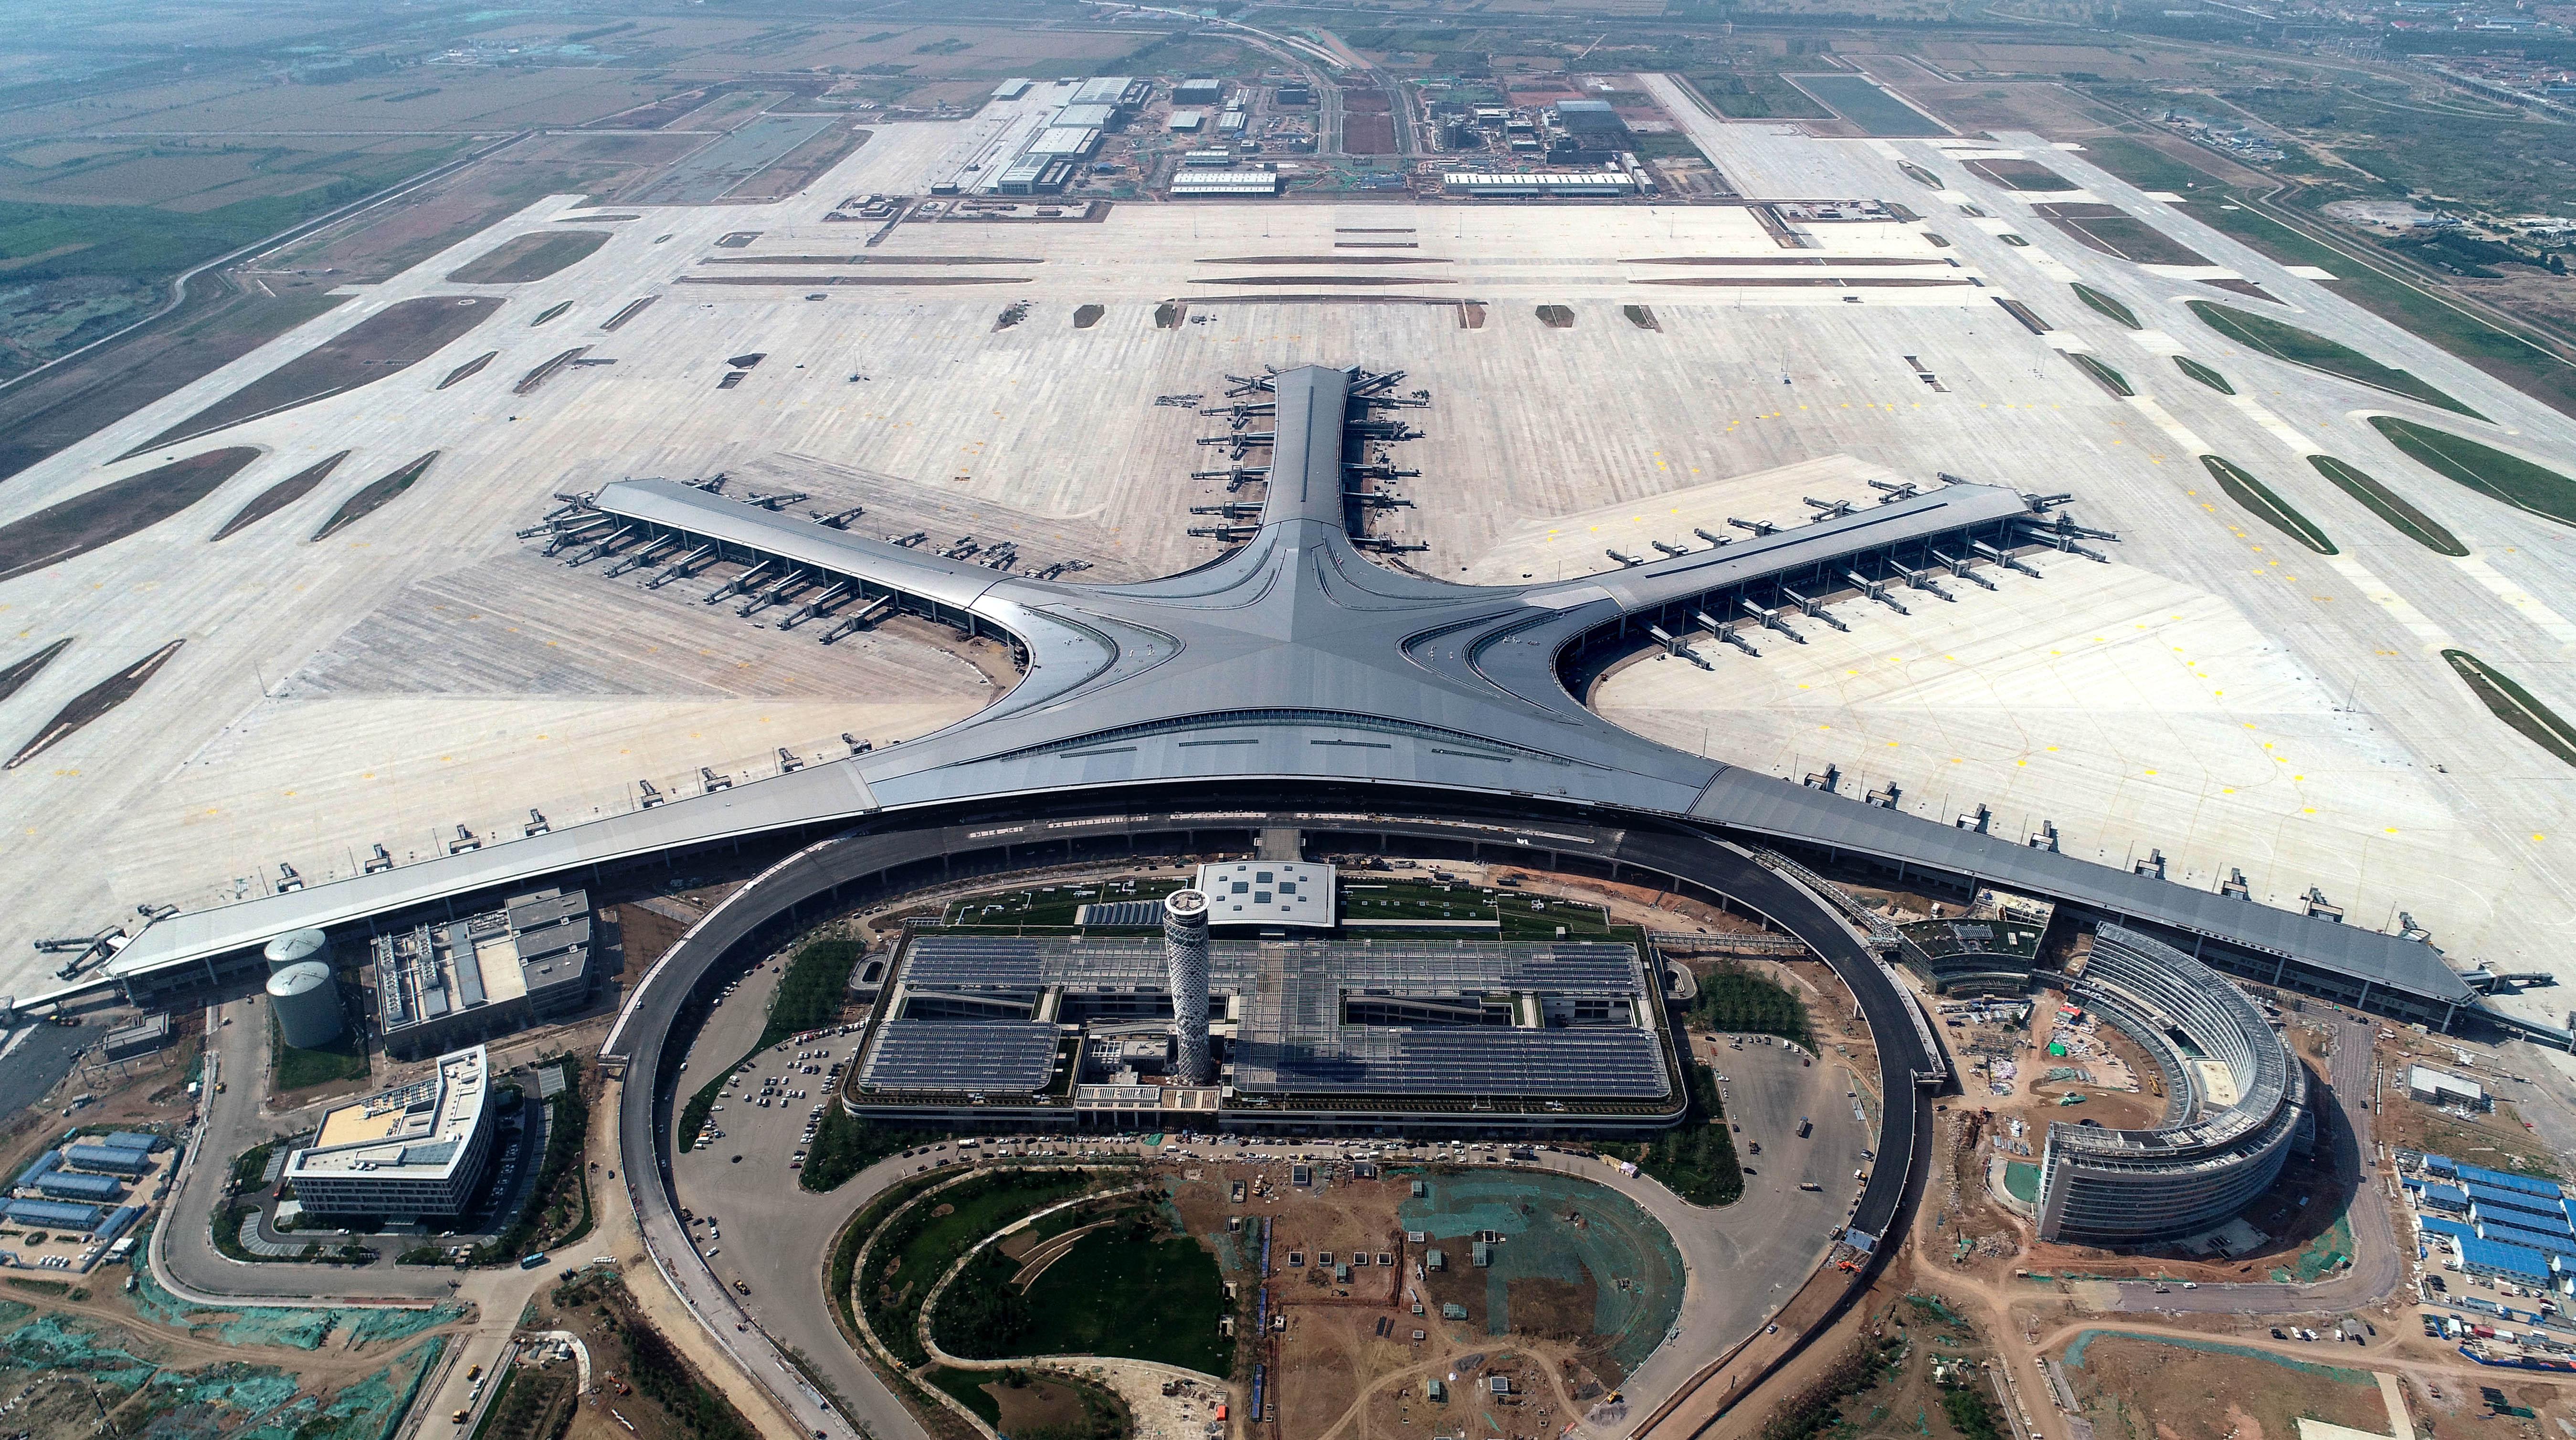 青島膠東国際空港の建設工事、最終段階に